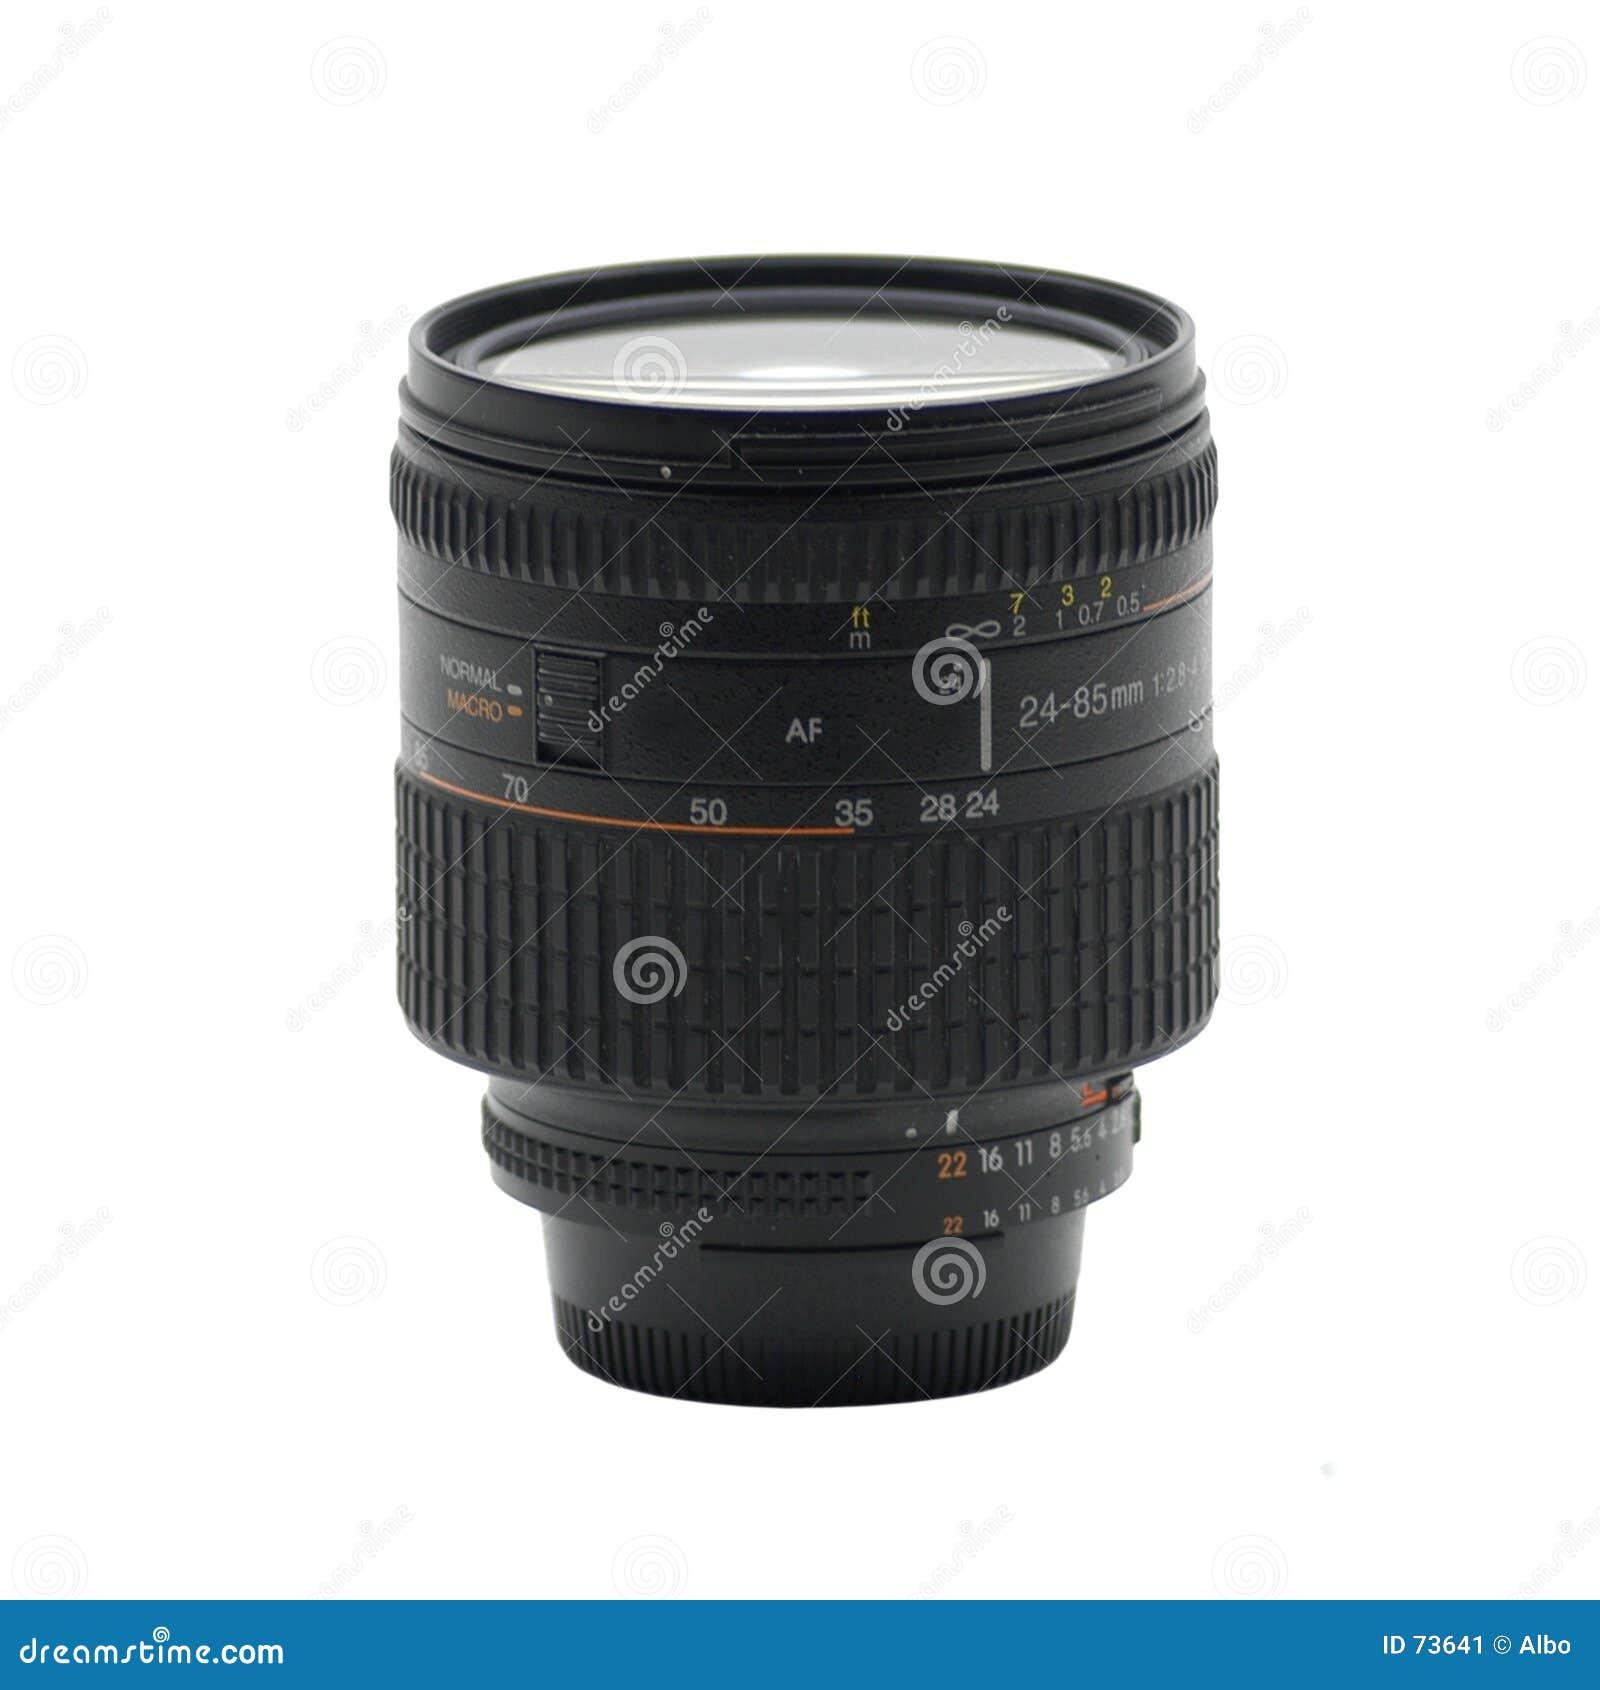 Lens, 24-85 mm